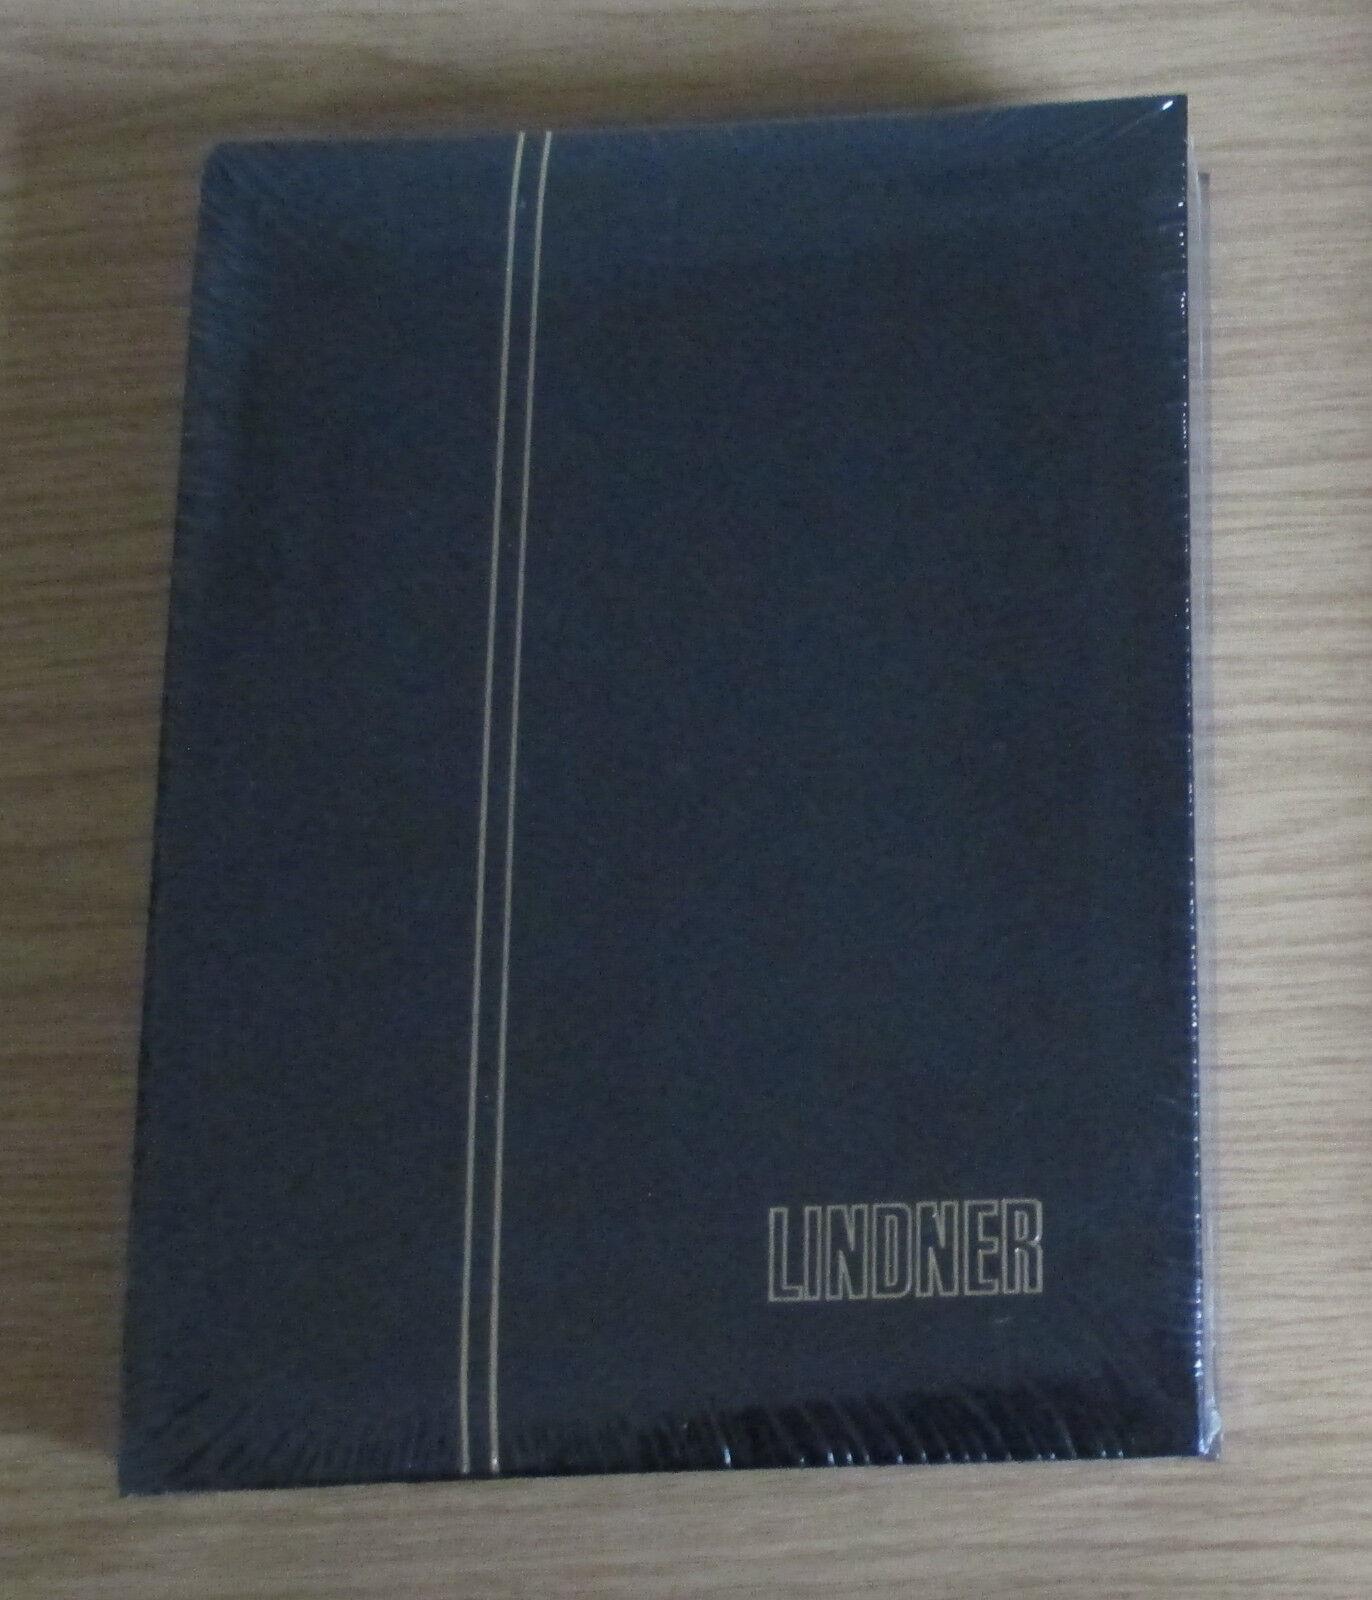 Lindner 1169S Einsteckbuch7Einsteckalbum mit 60 schwarze Seiten in schwarz